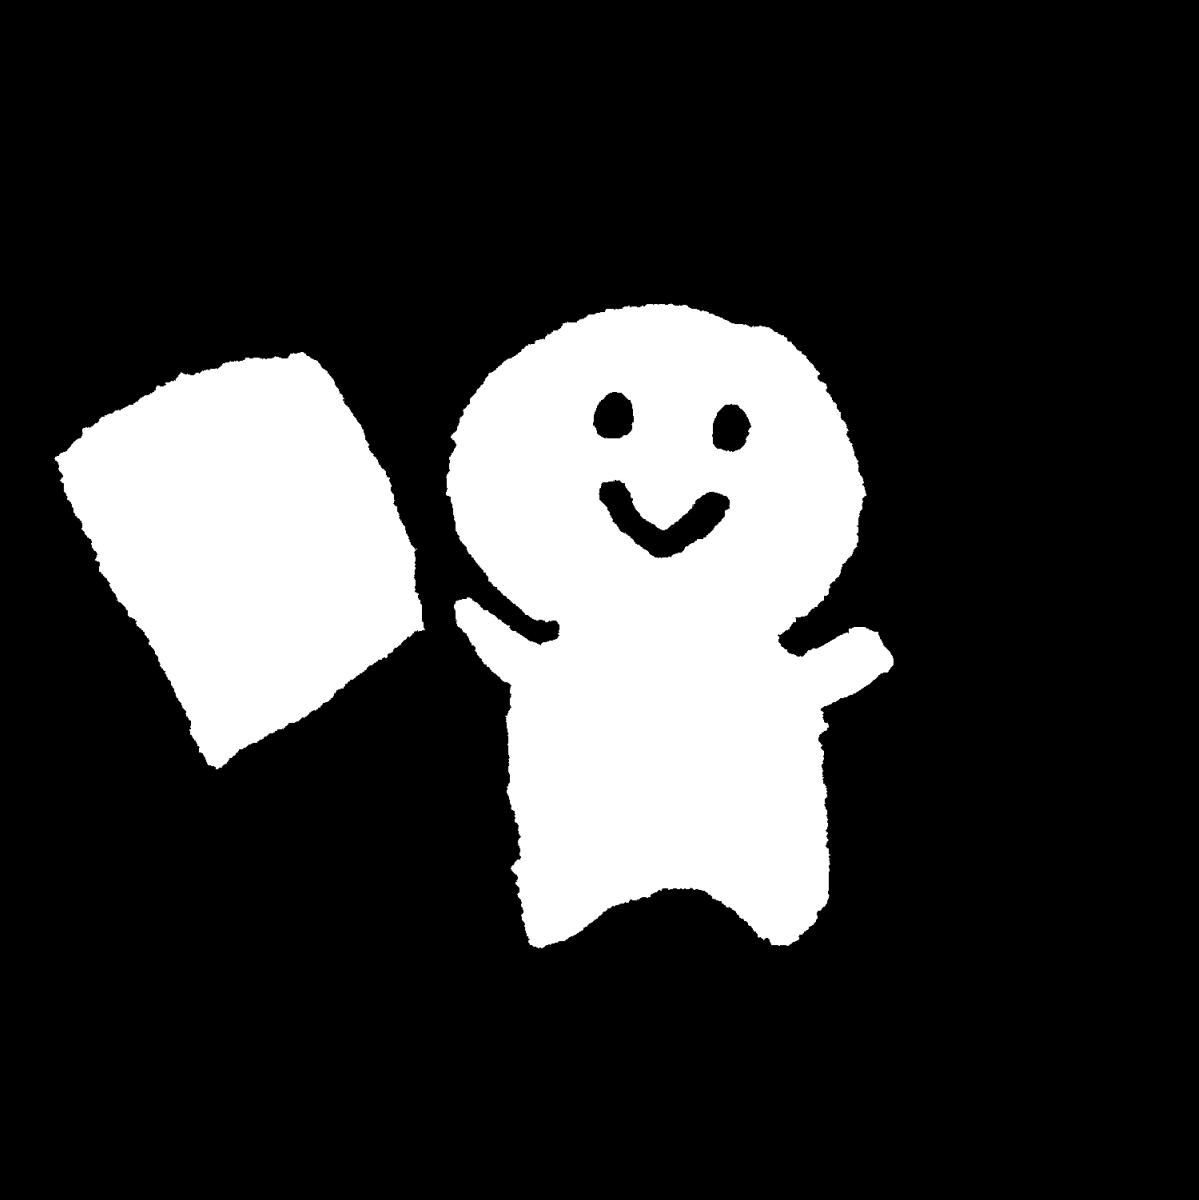 ハサミと紙を持つのイラスト / Hold scissors and paper Illustration